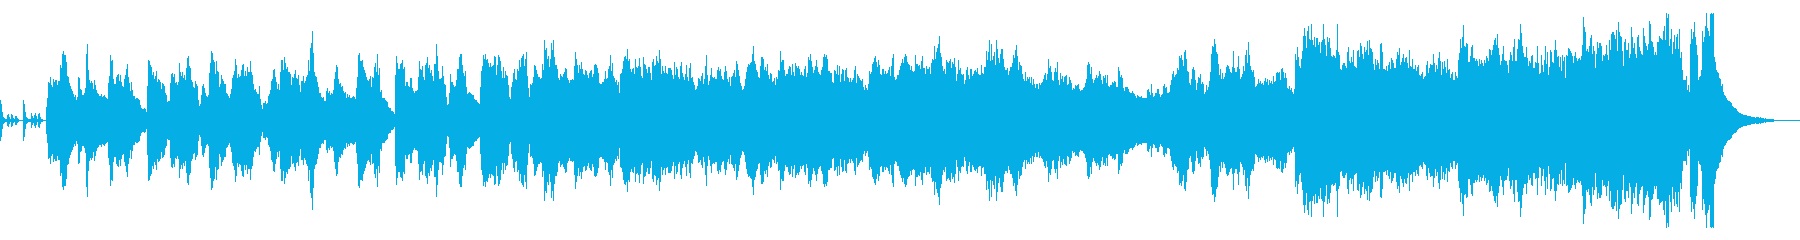 ブラスバンドのイメージ、出発の曲の再生済みの波形